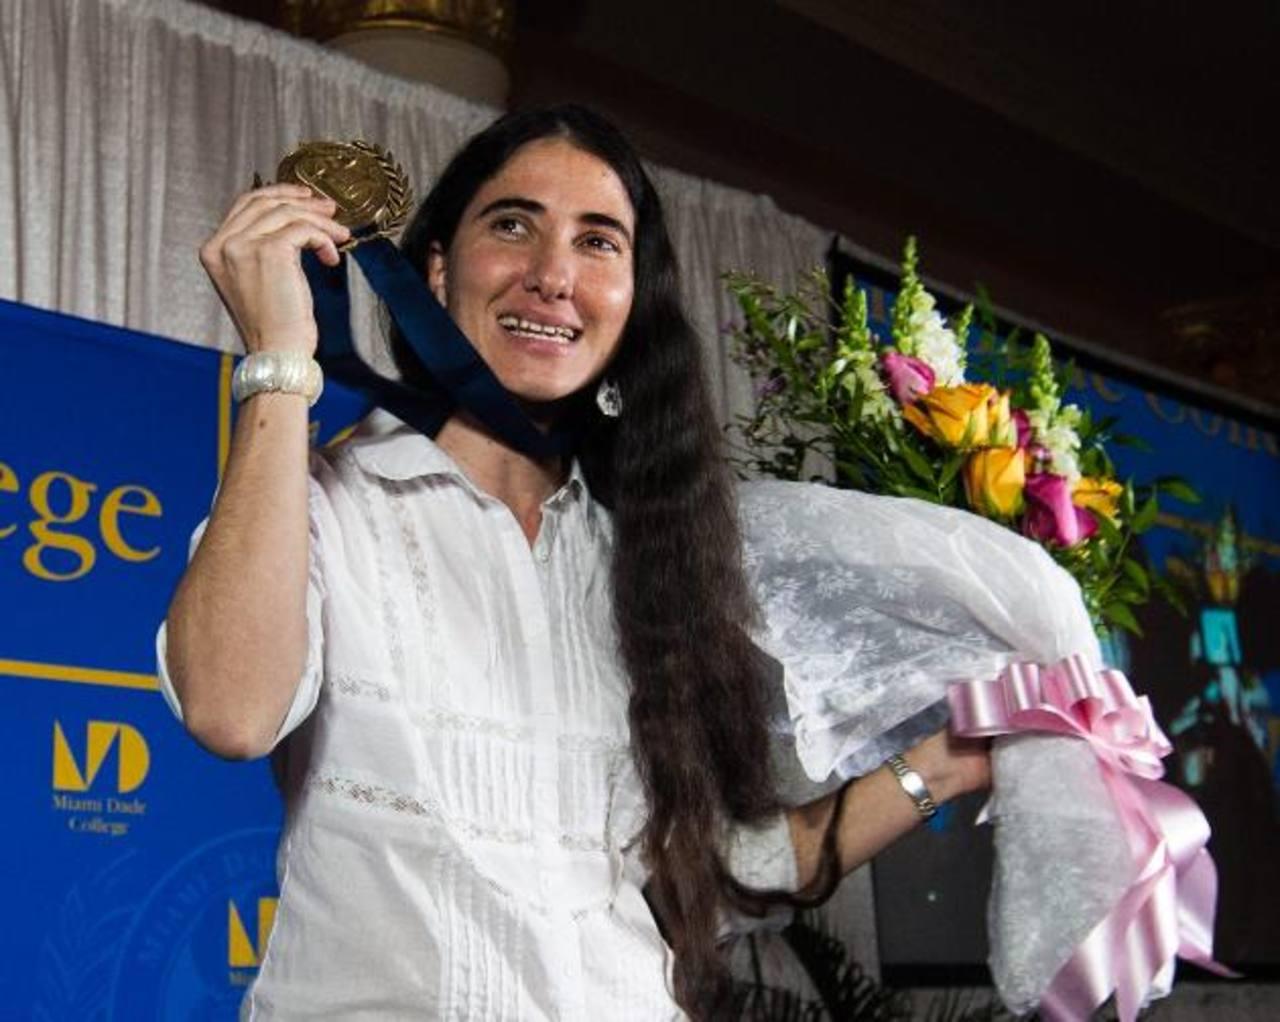 La disidente Yoani Sánchez muestra la Medalla Presidencial de la institución educativa Miami Dade College. foto edh / EFE